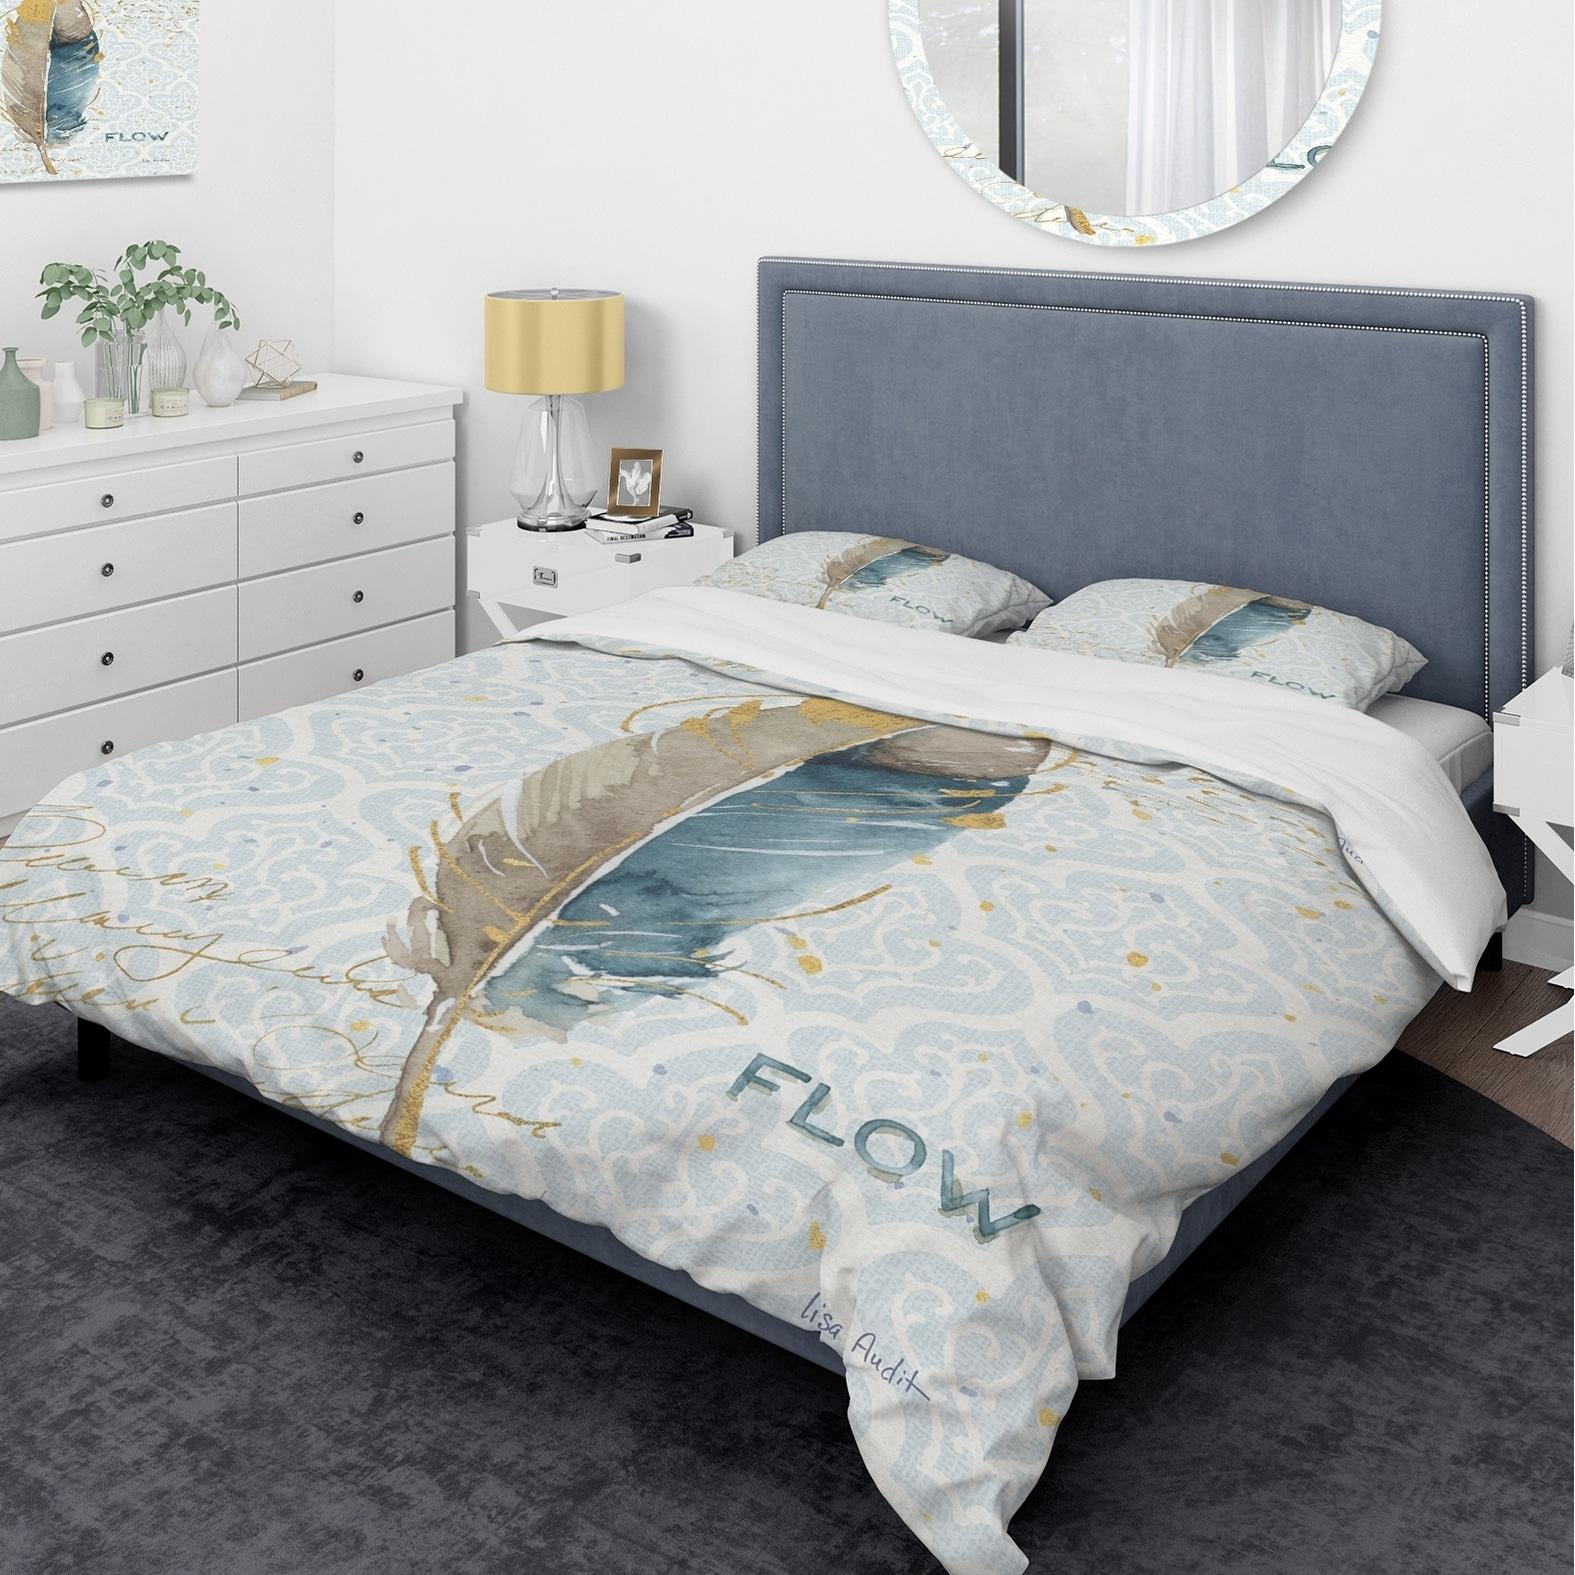 DESIGN ART Designart 'Fields of Gold Watercolor Flower IV' Glam Bedding Set - Duvet Cover & Shams